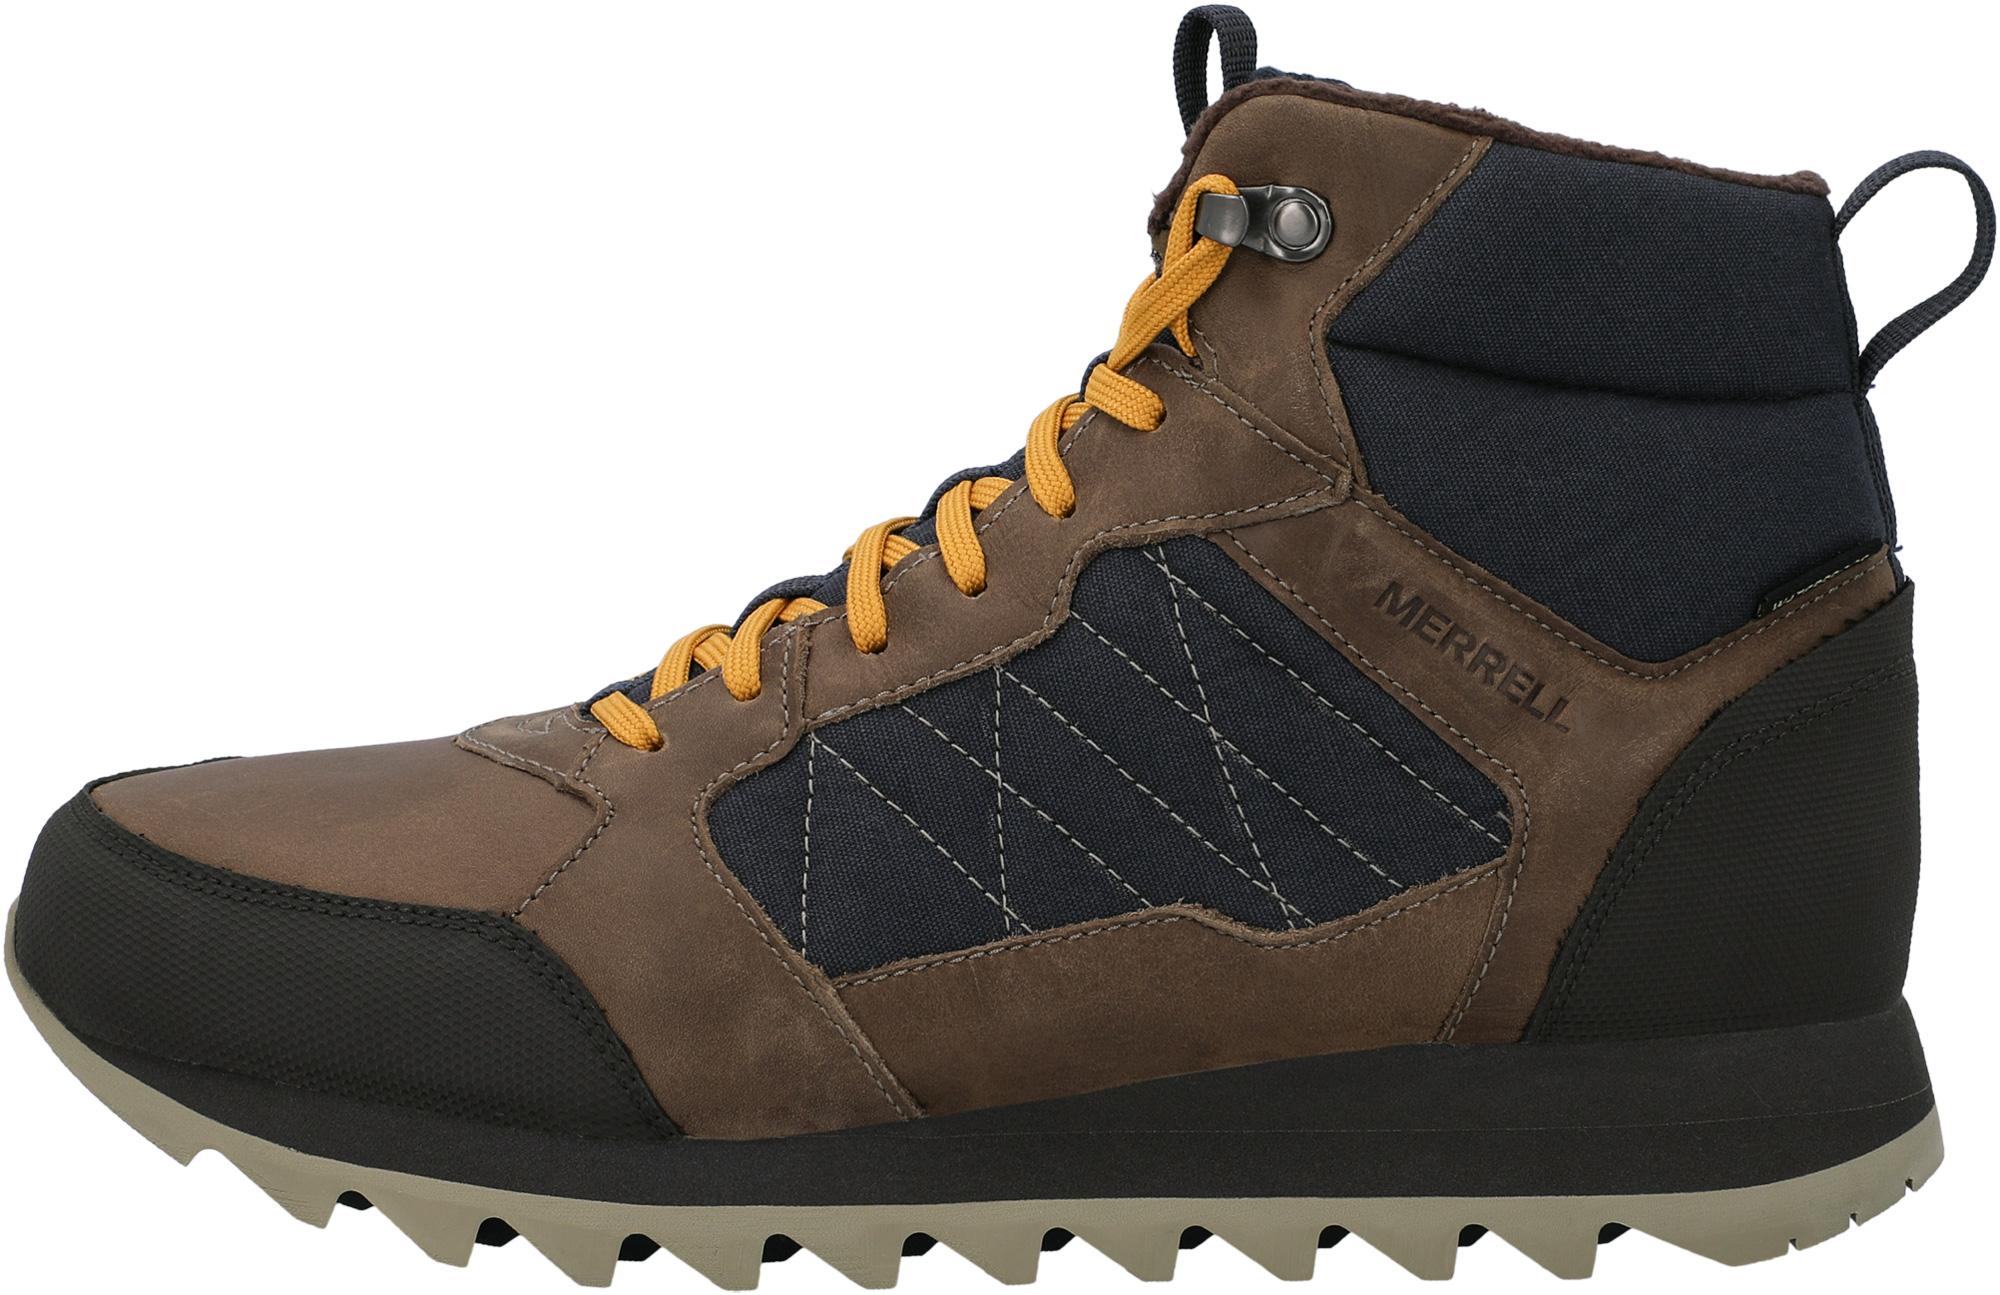 Merrell Ботинки утепленные мужские Merrell Alpine Sneaker MID PLR WP, размер 42 merrell ботинки мужские merrell forestbound wp размер 43